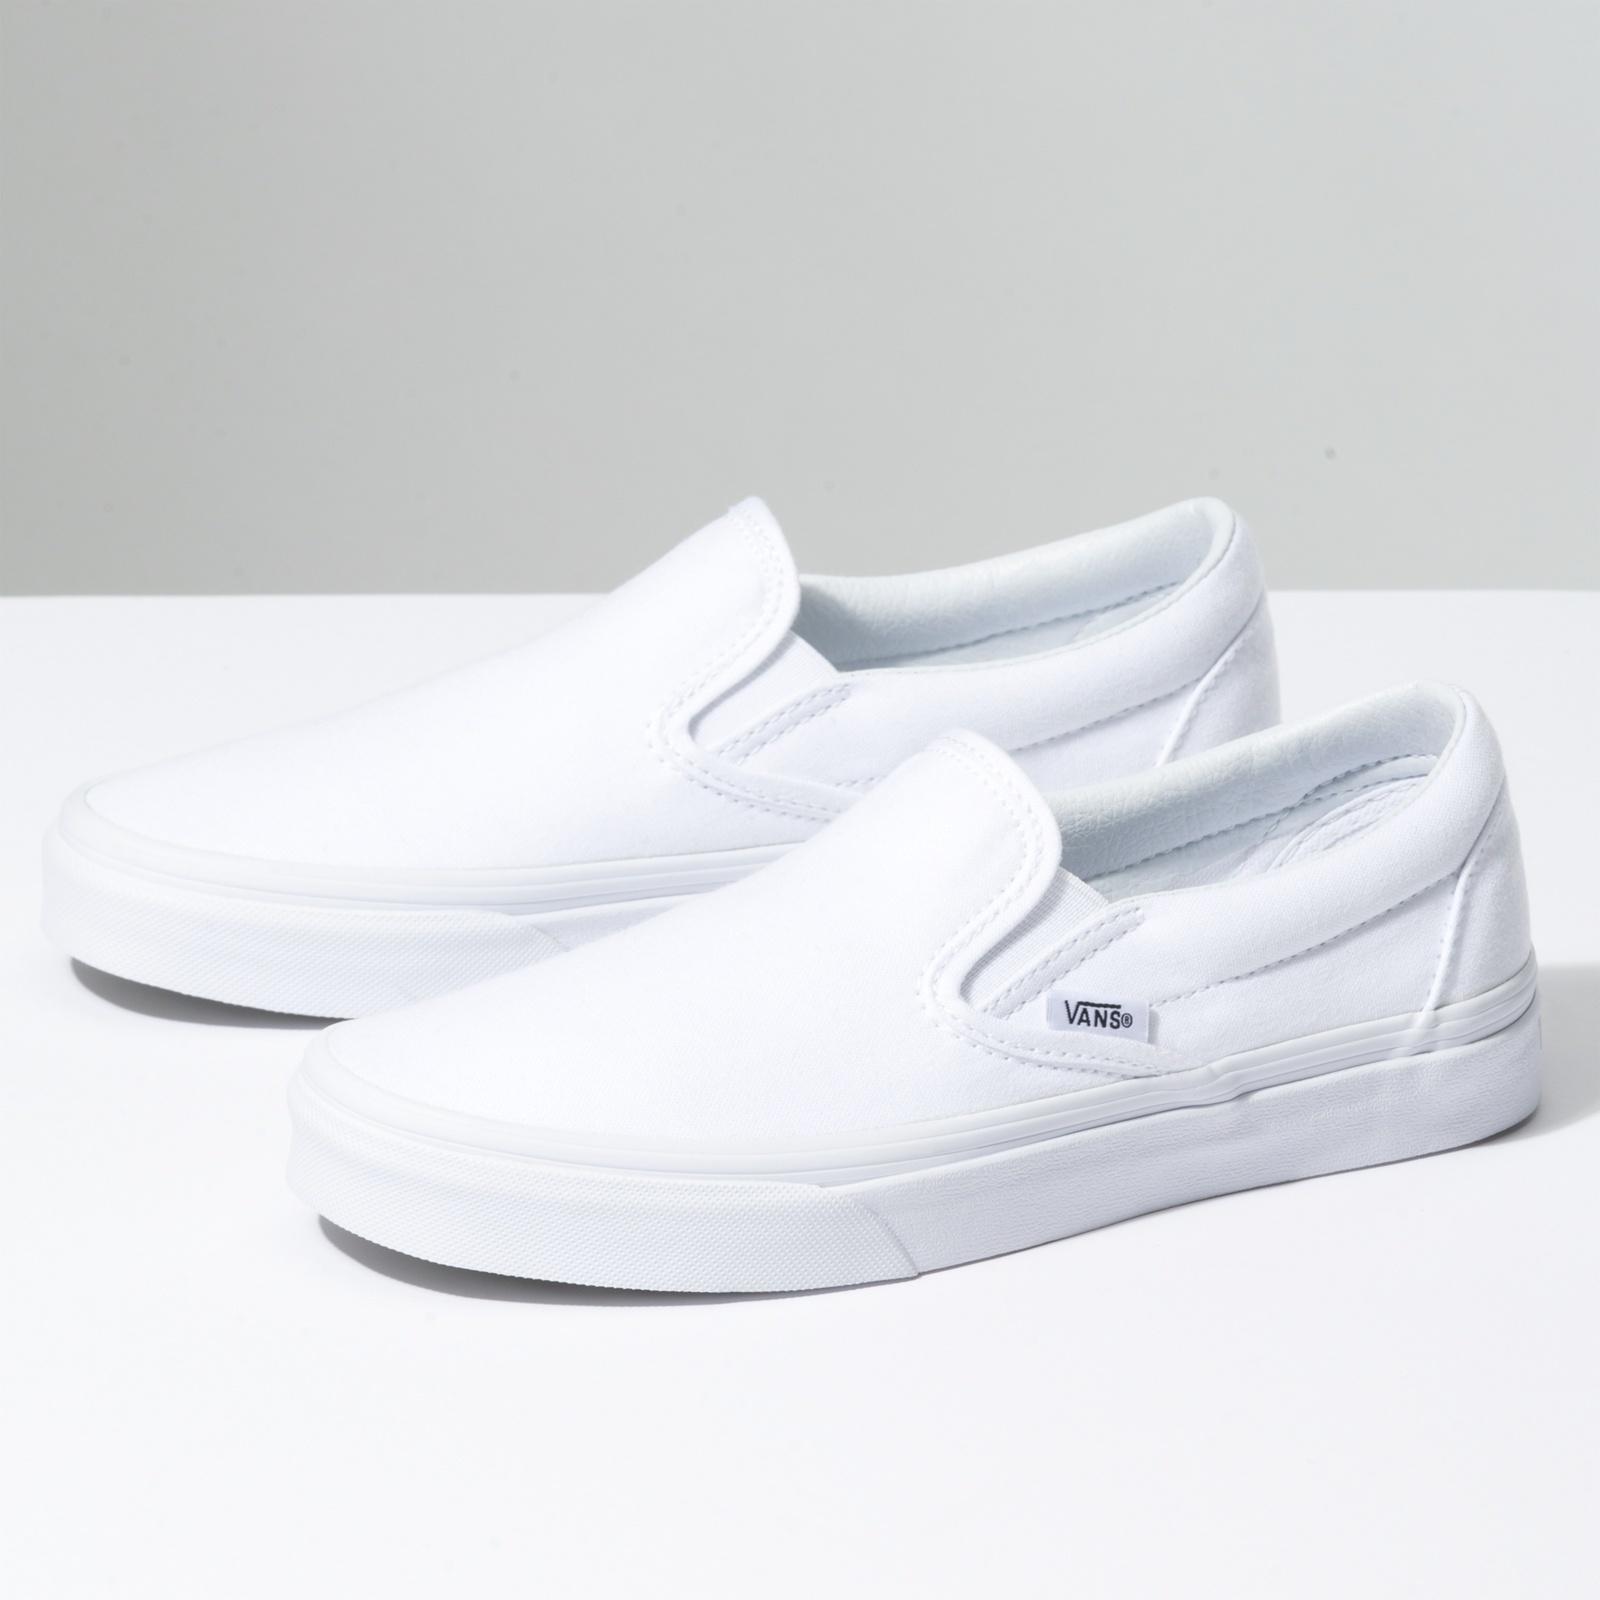 Vans VANS CLASSIC SLIP-ON TRUE WHITE